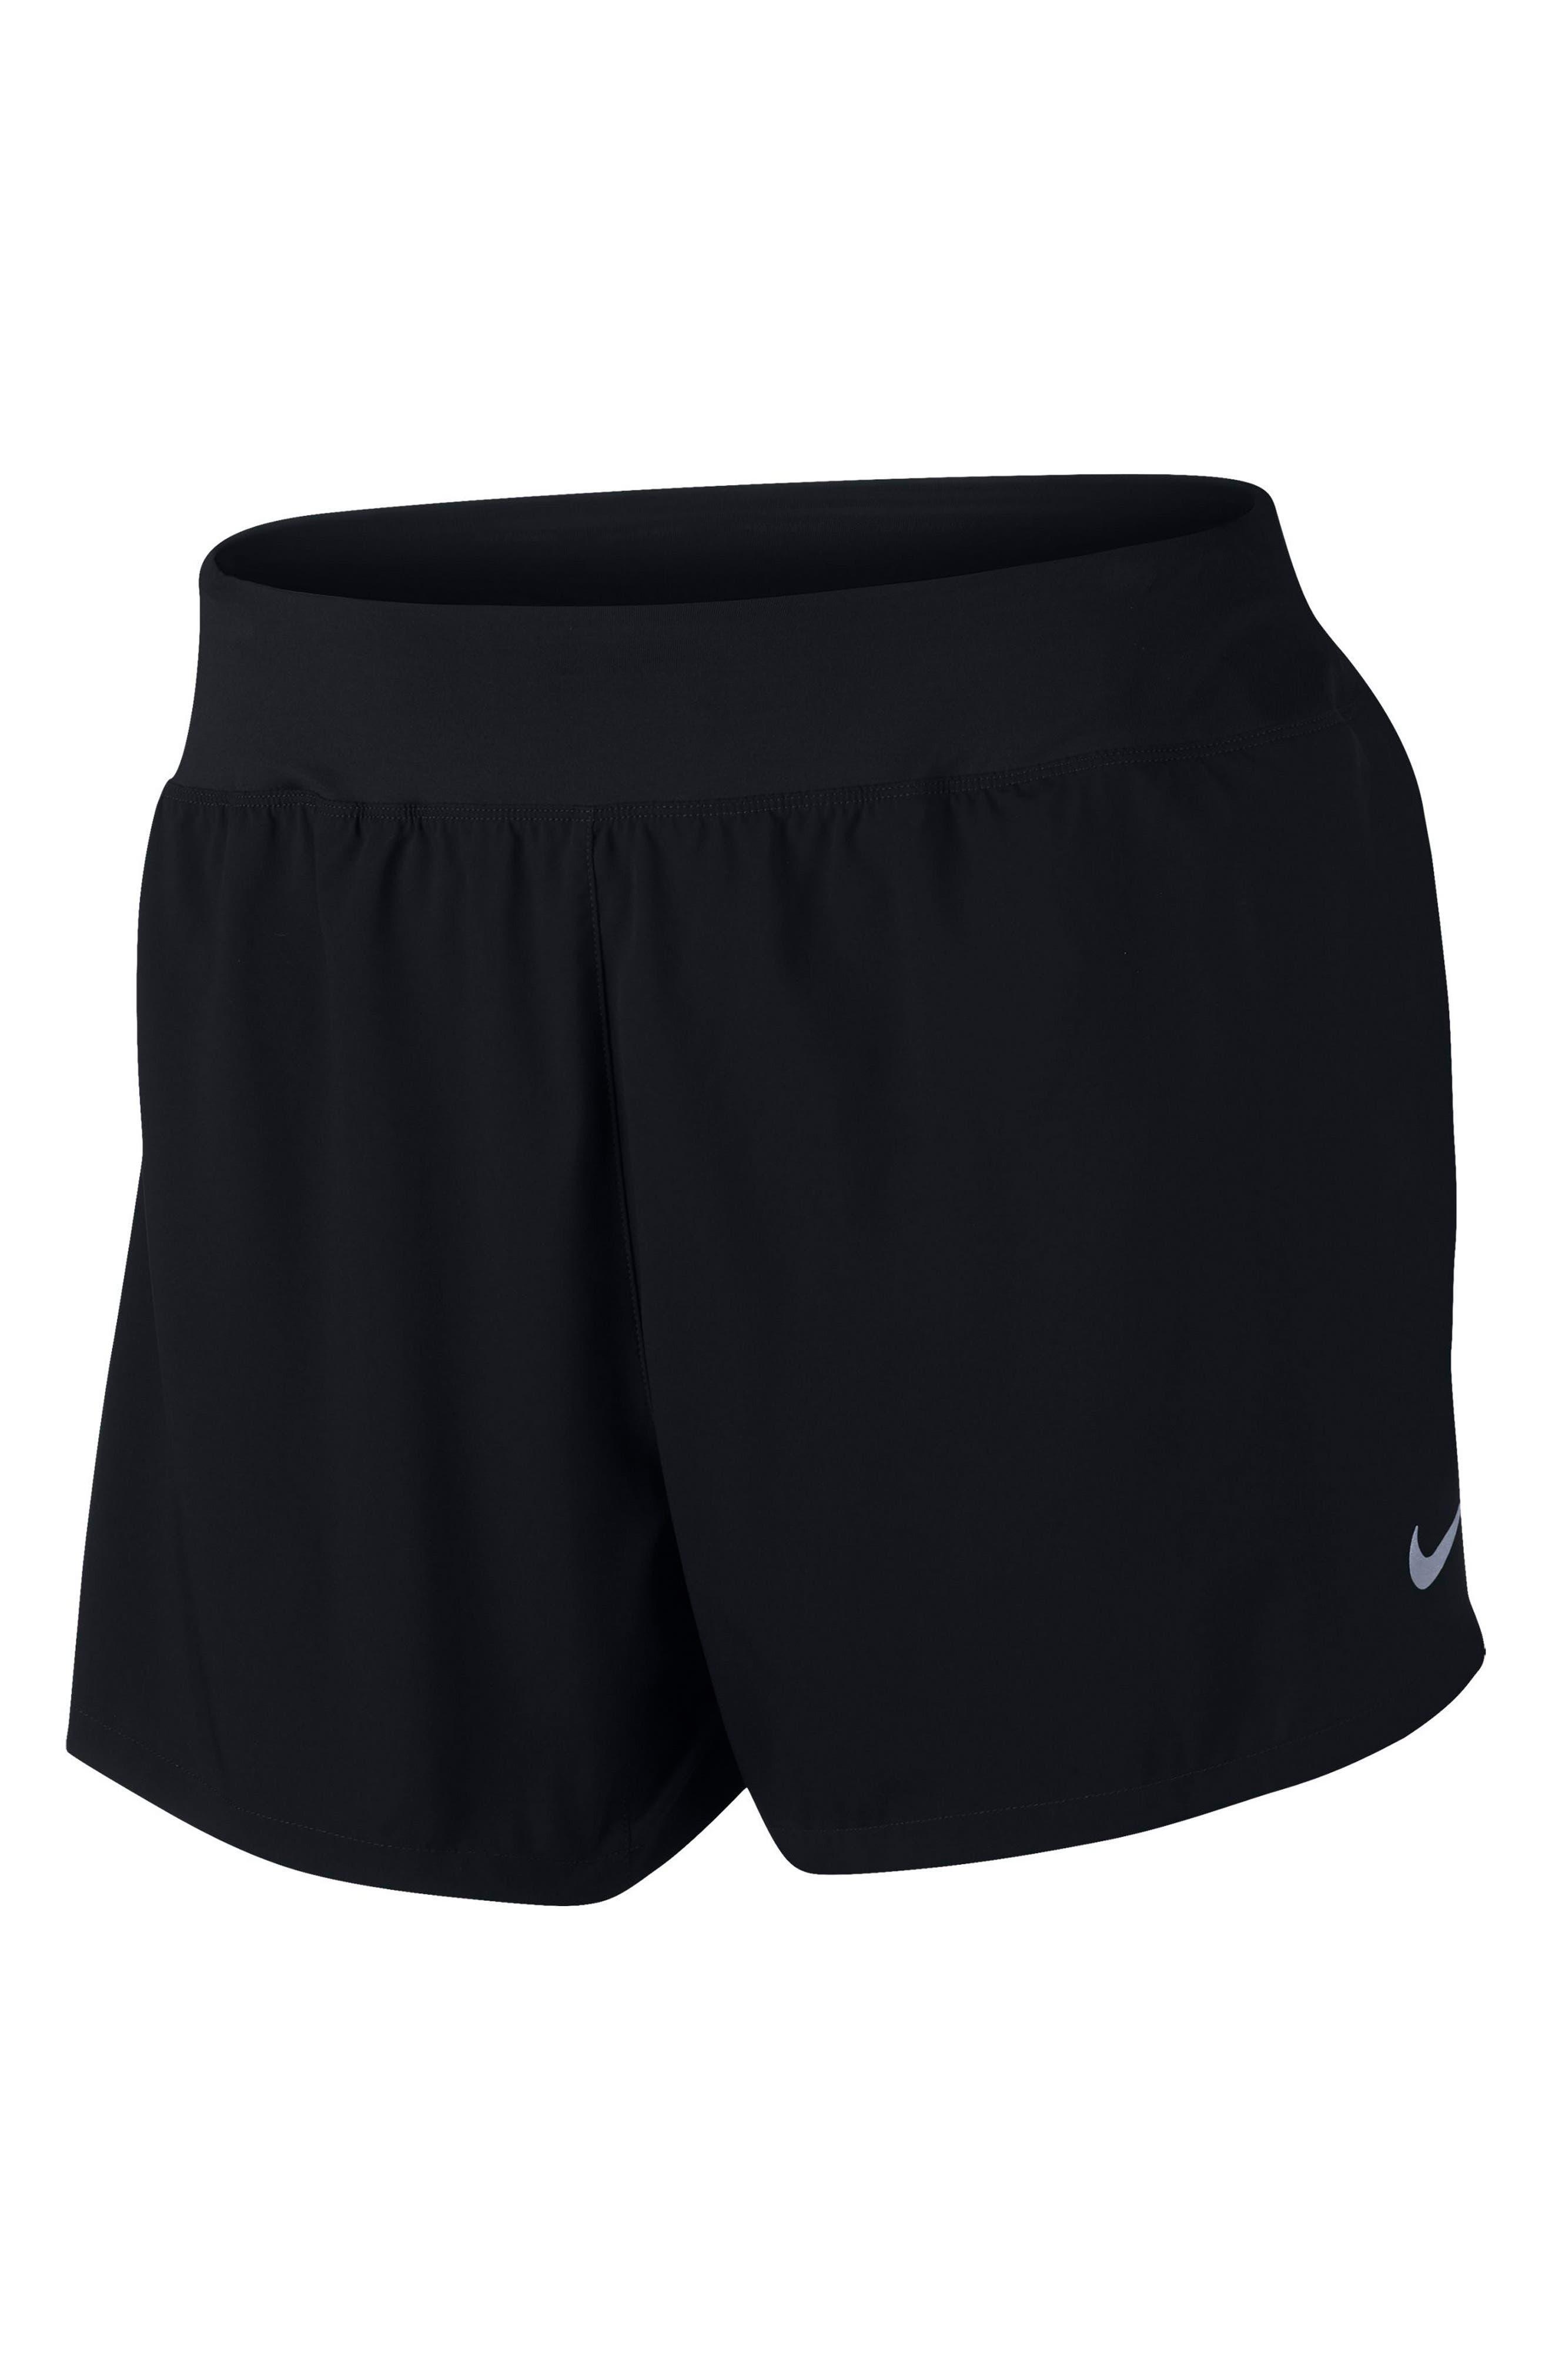 Flex Dry Running Shorts,                         Main,                         color, Black